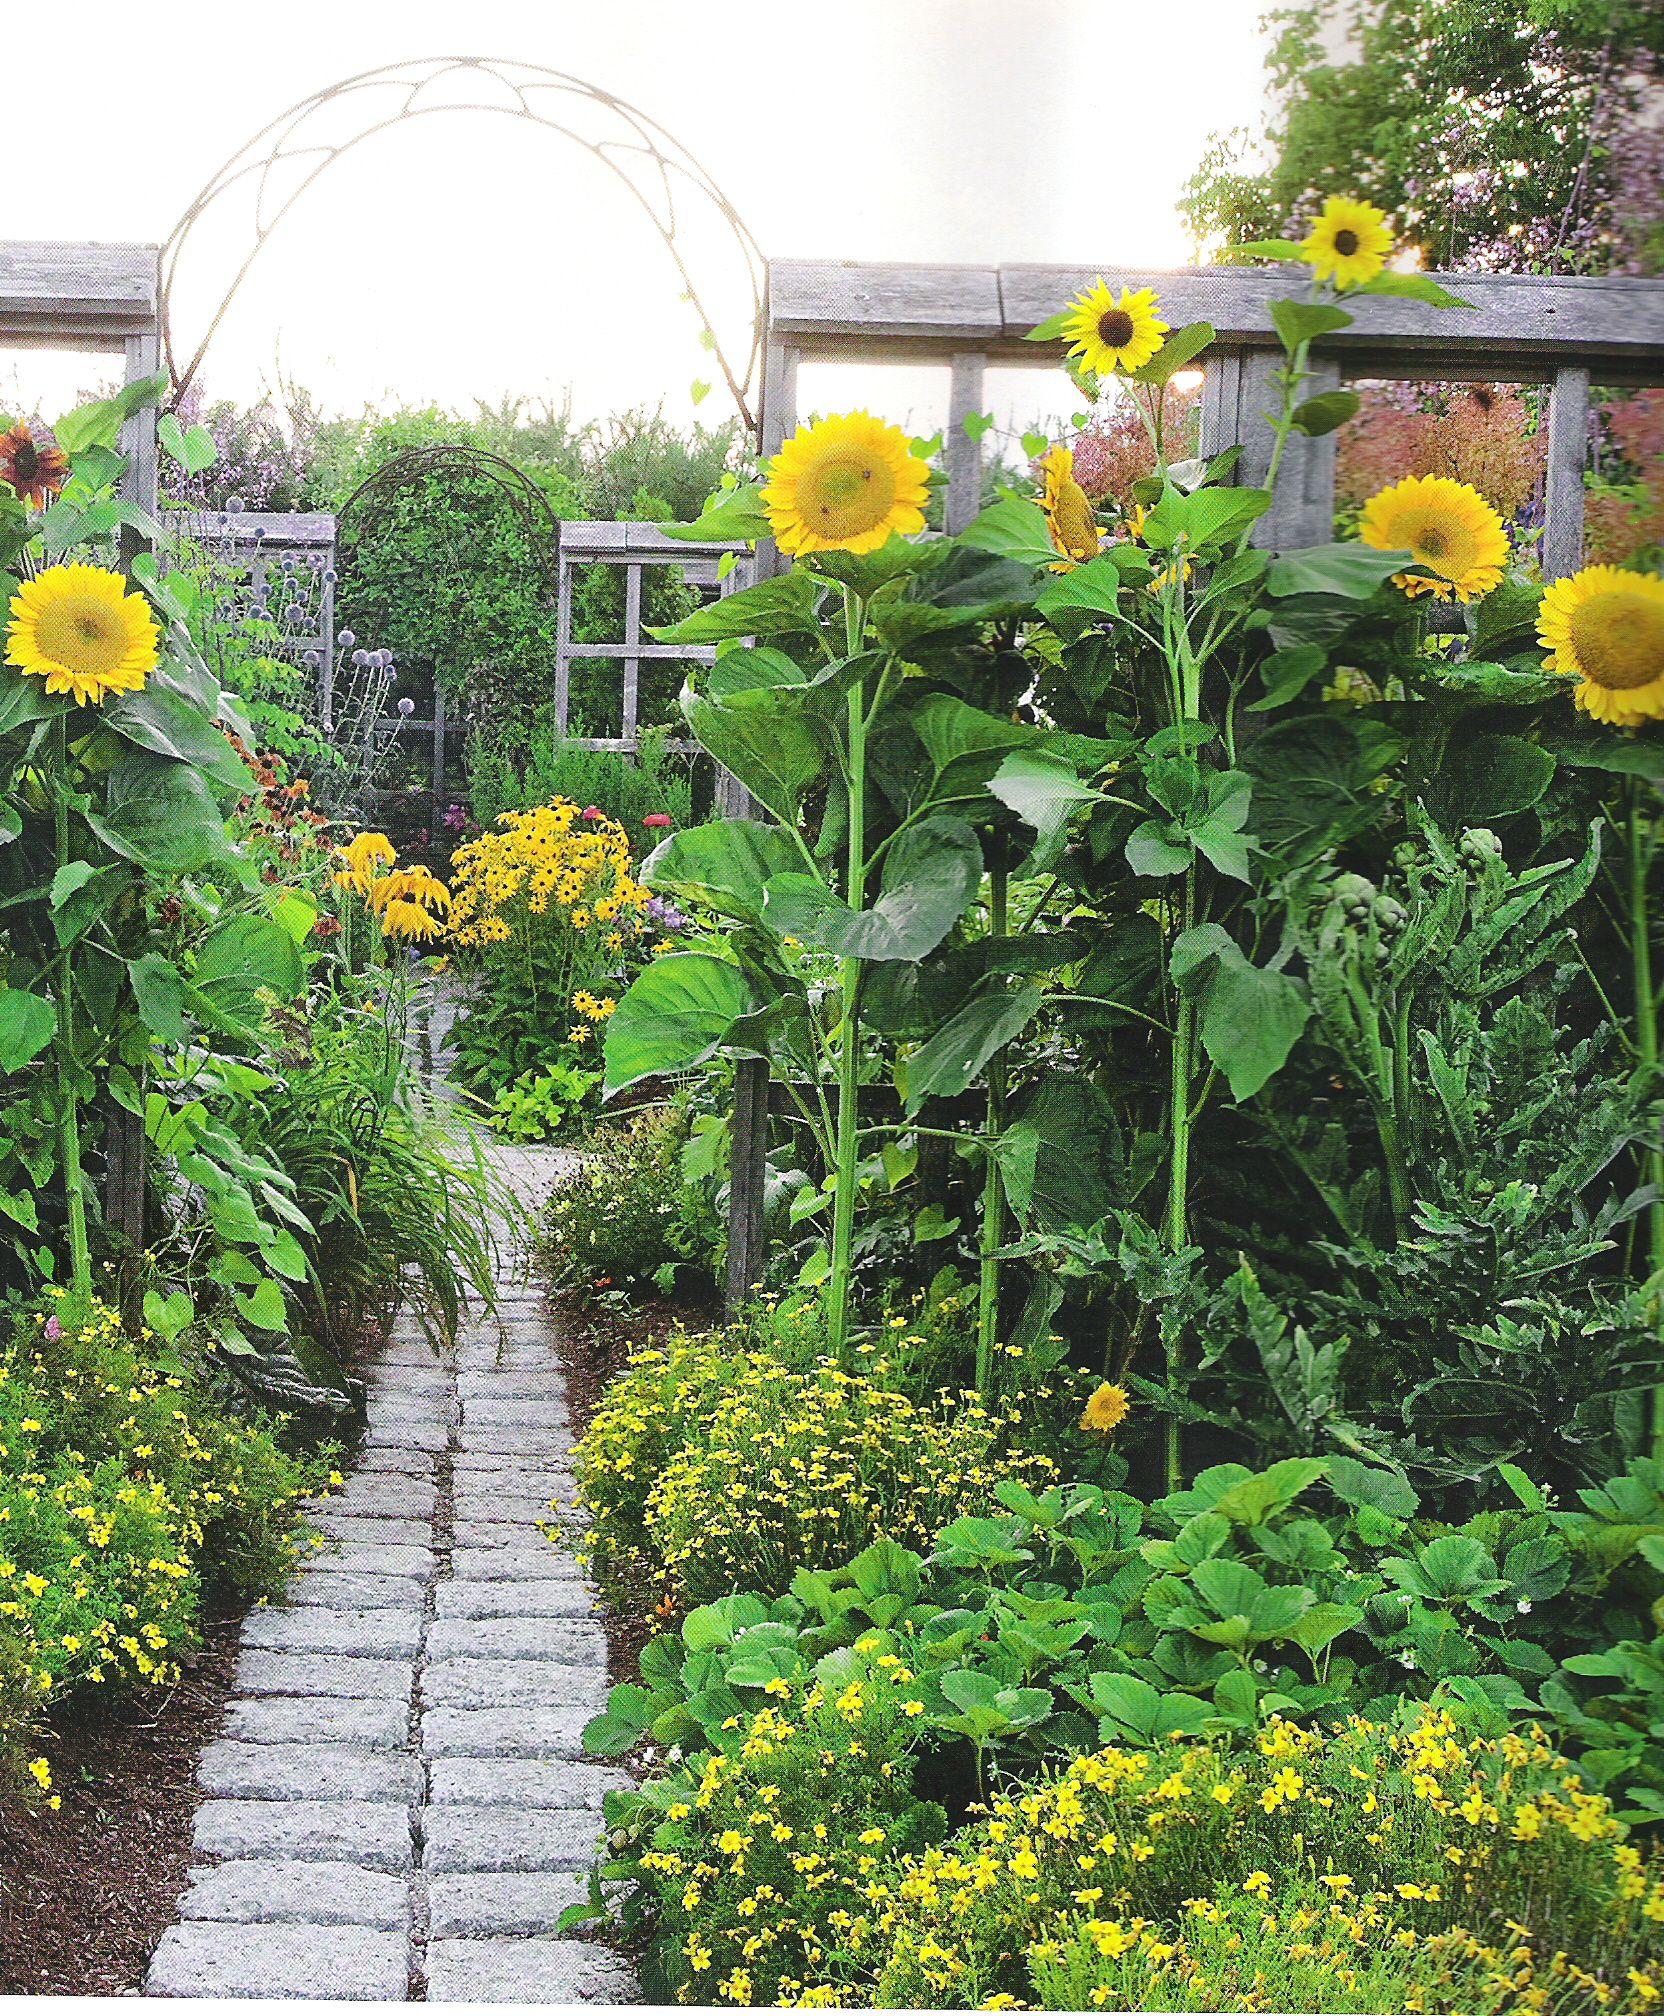 18 Edible Garden Designs Ideas: Along The Brick Path Through The Vegetable Garden, Bloom